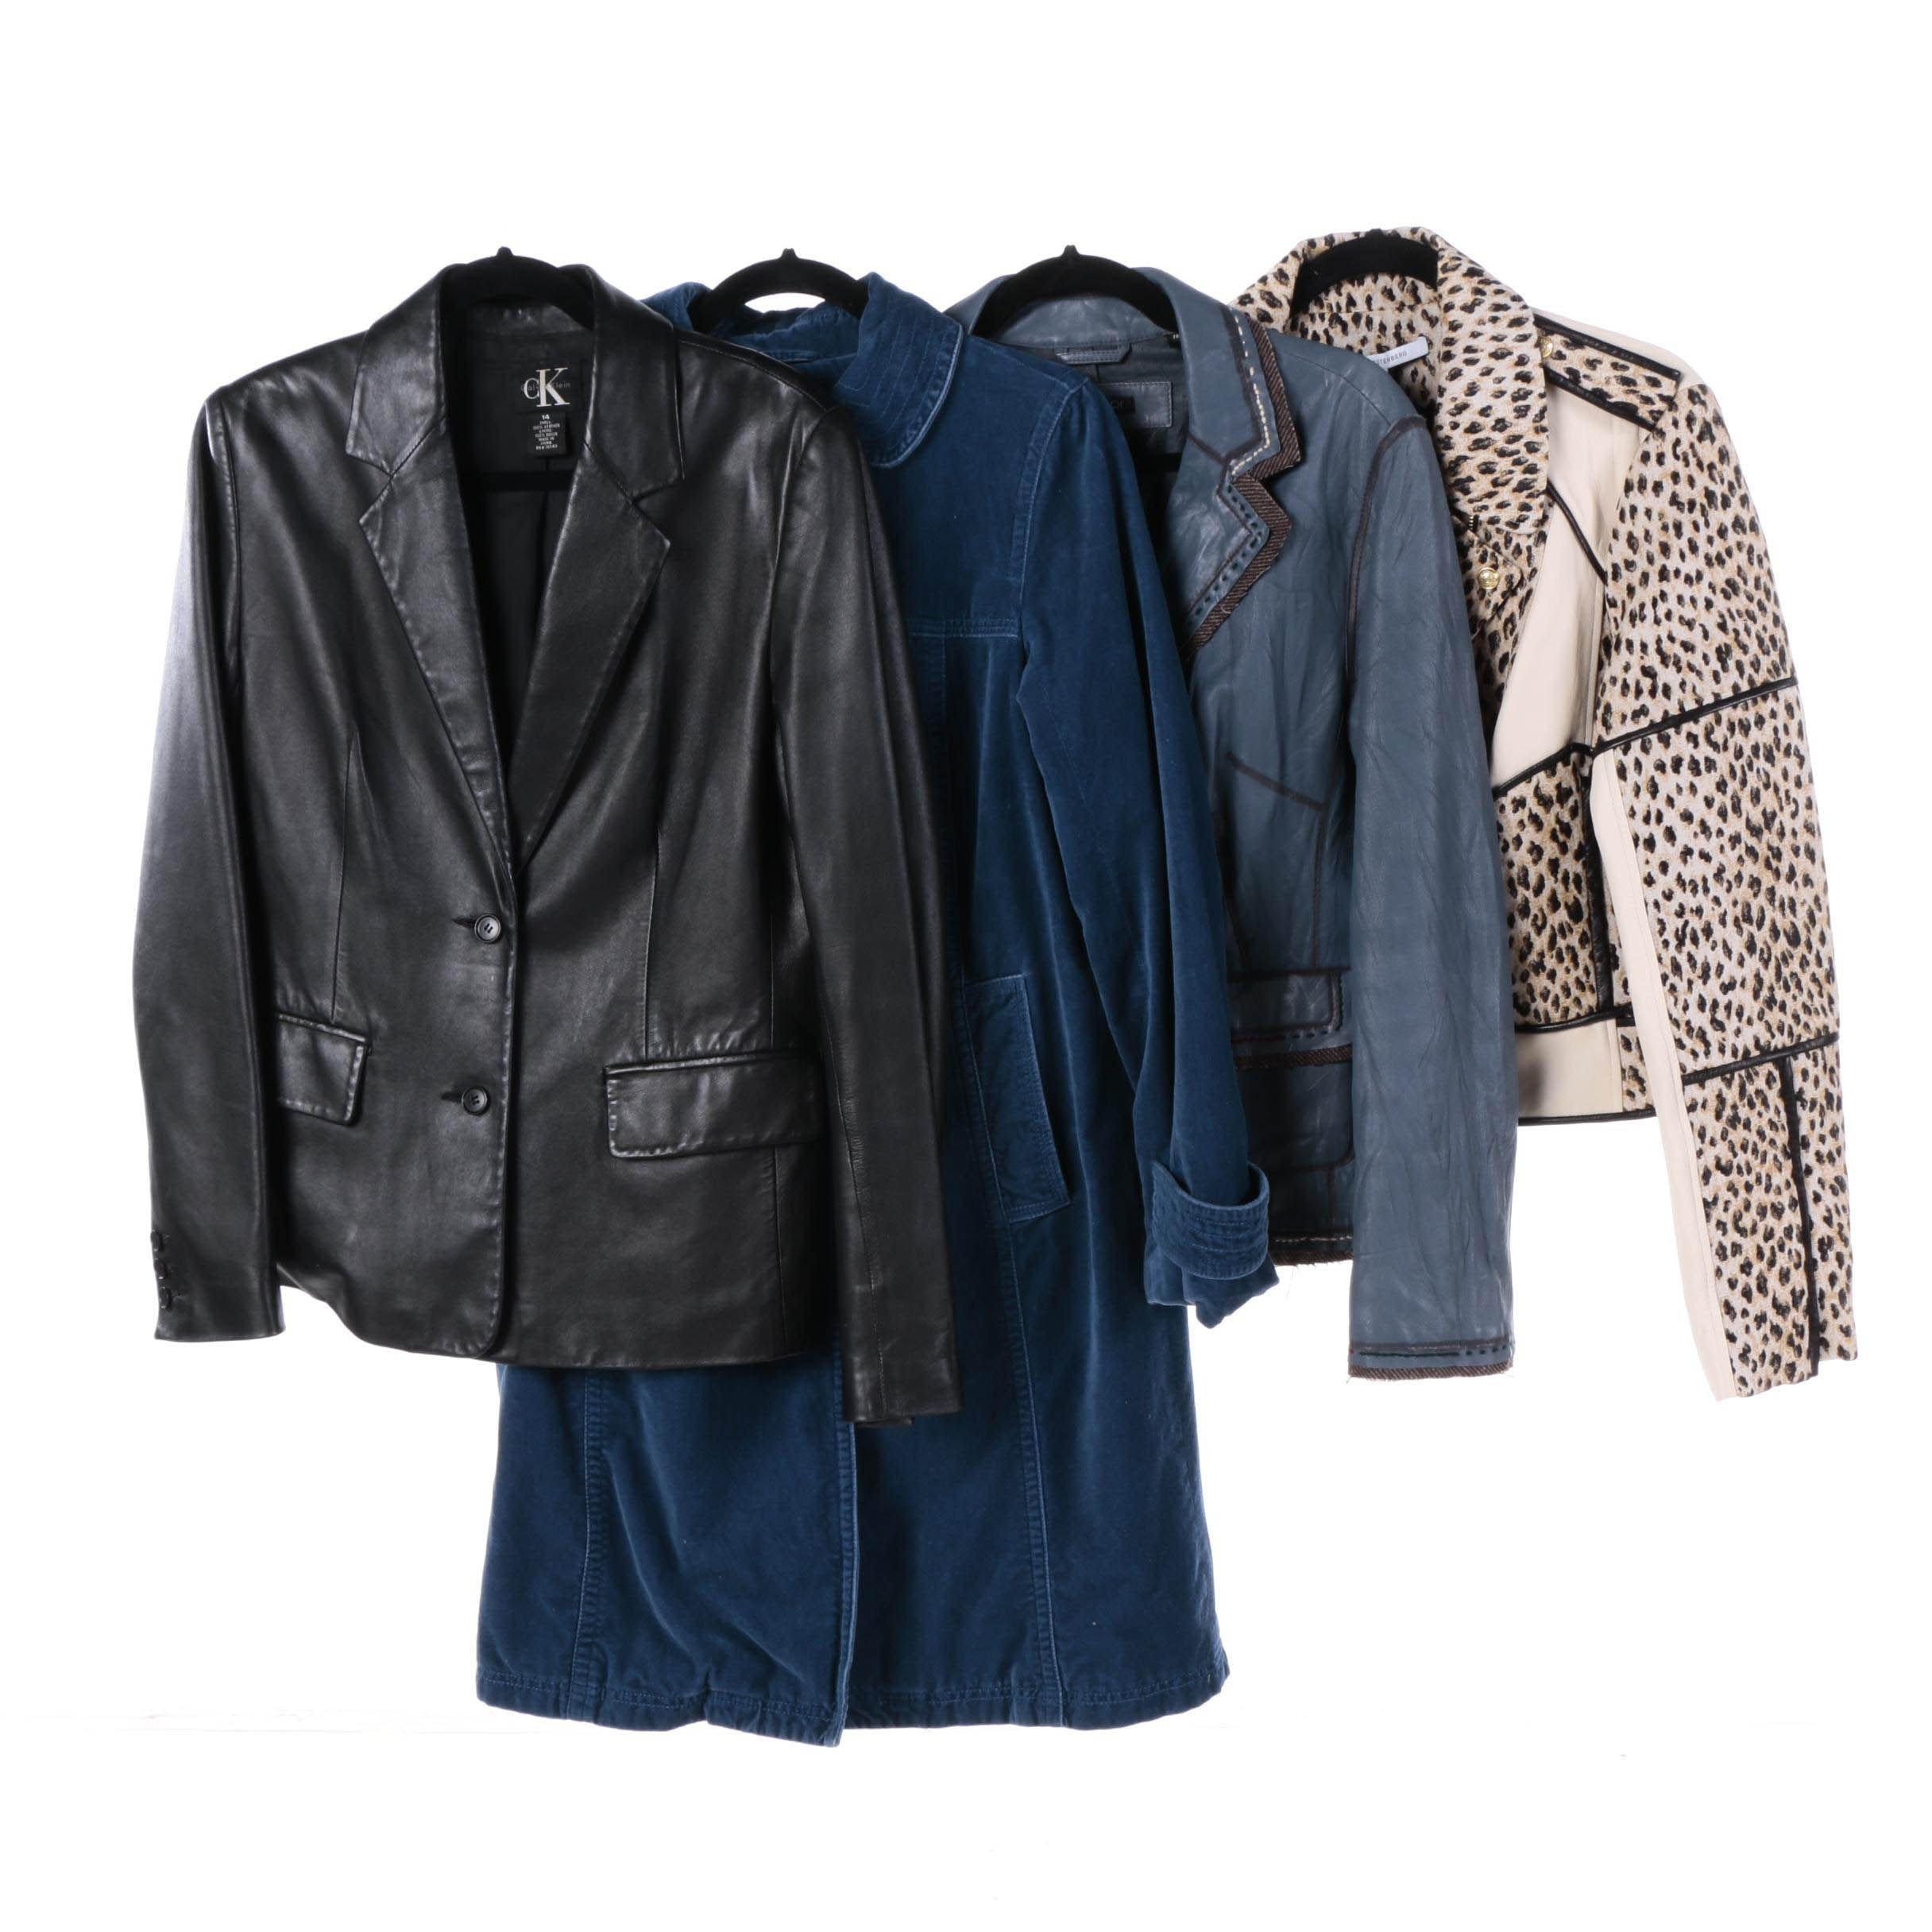 Women's Jackets Including Tahari, Diane von Furstenberg and Calvin Klein